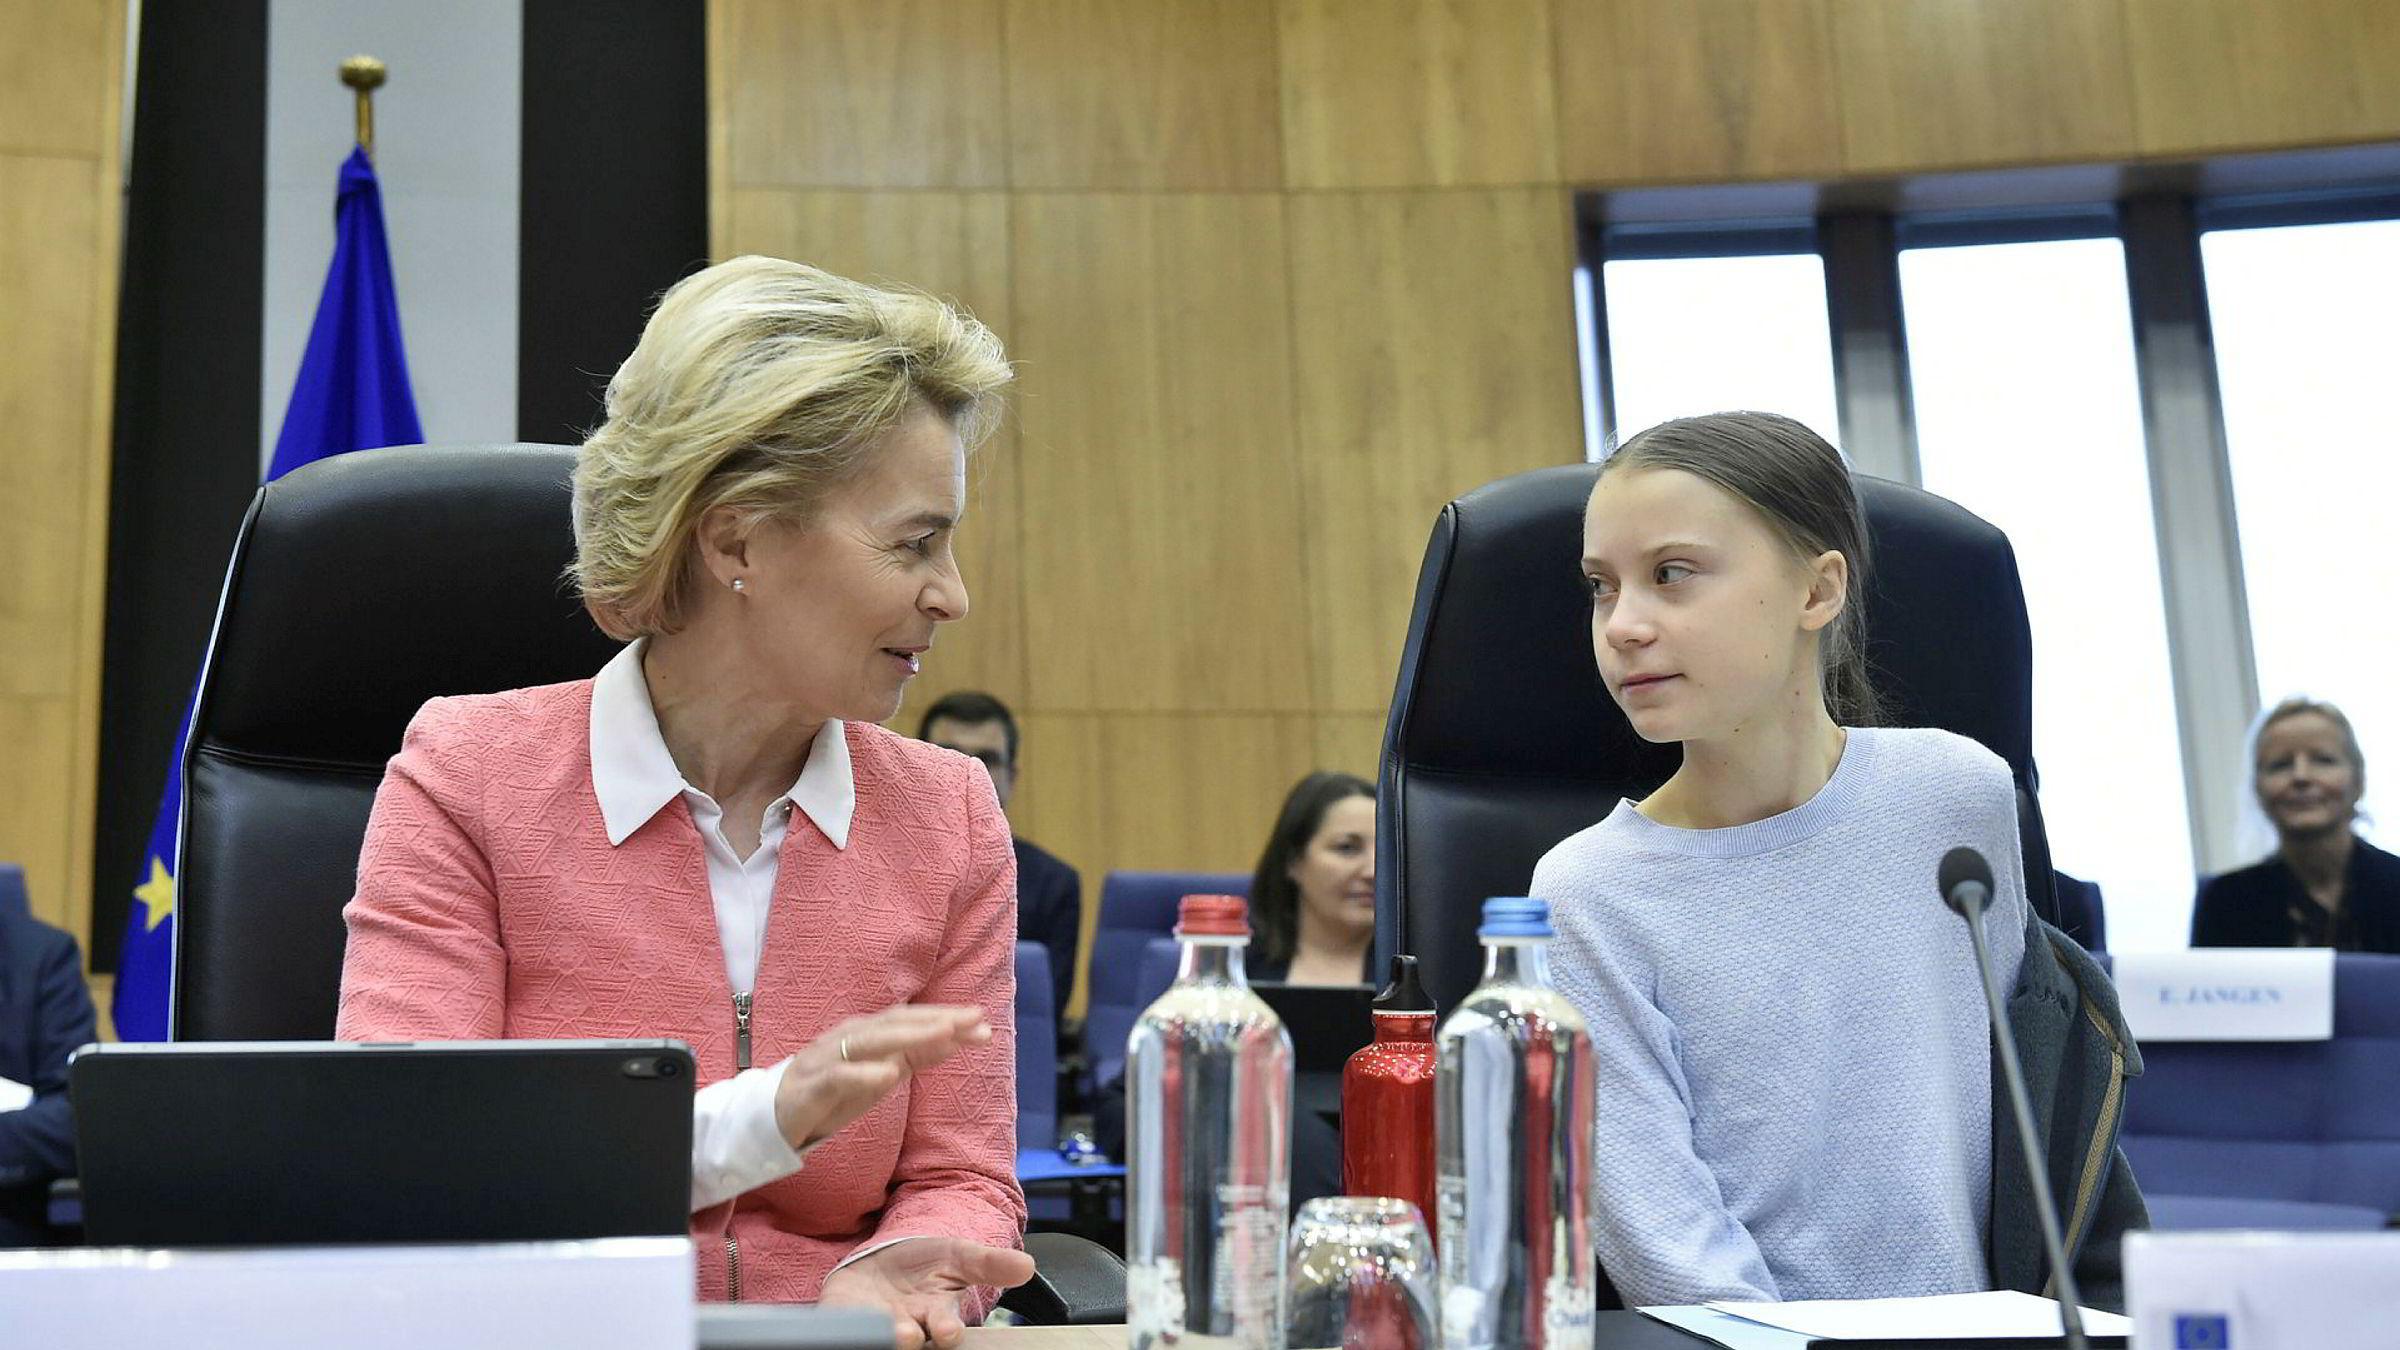 President i Europakommisjonen Ursula von der Leyen og miljøaktivisten Greta Thunberg (til høyre) har begge satt klima på dagsordenen. Vil koronakrisen føre til at klimapolitikken stopper opp?